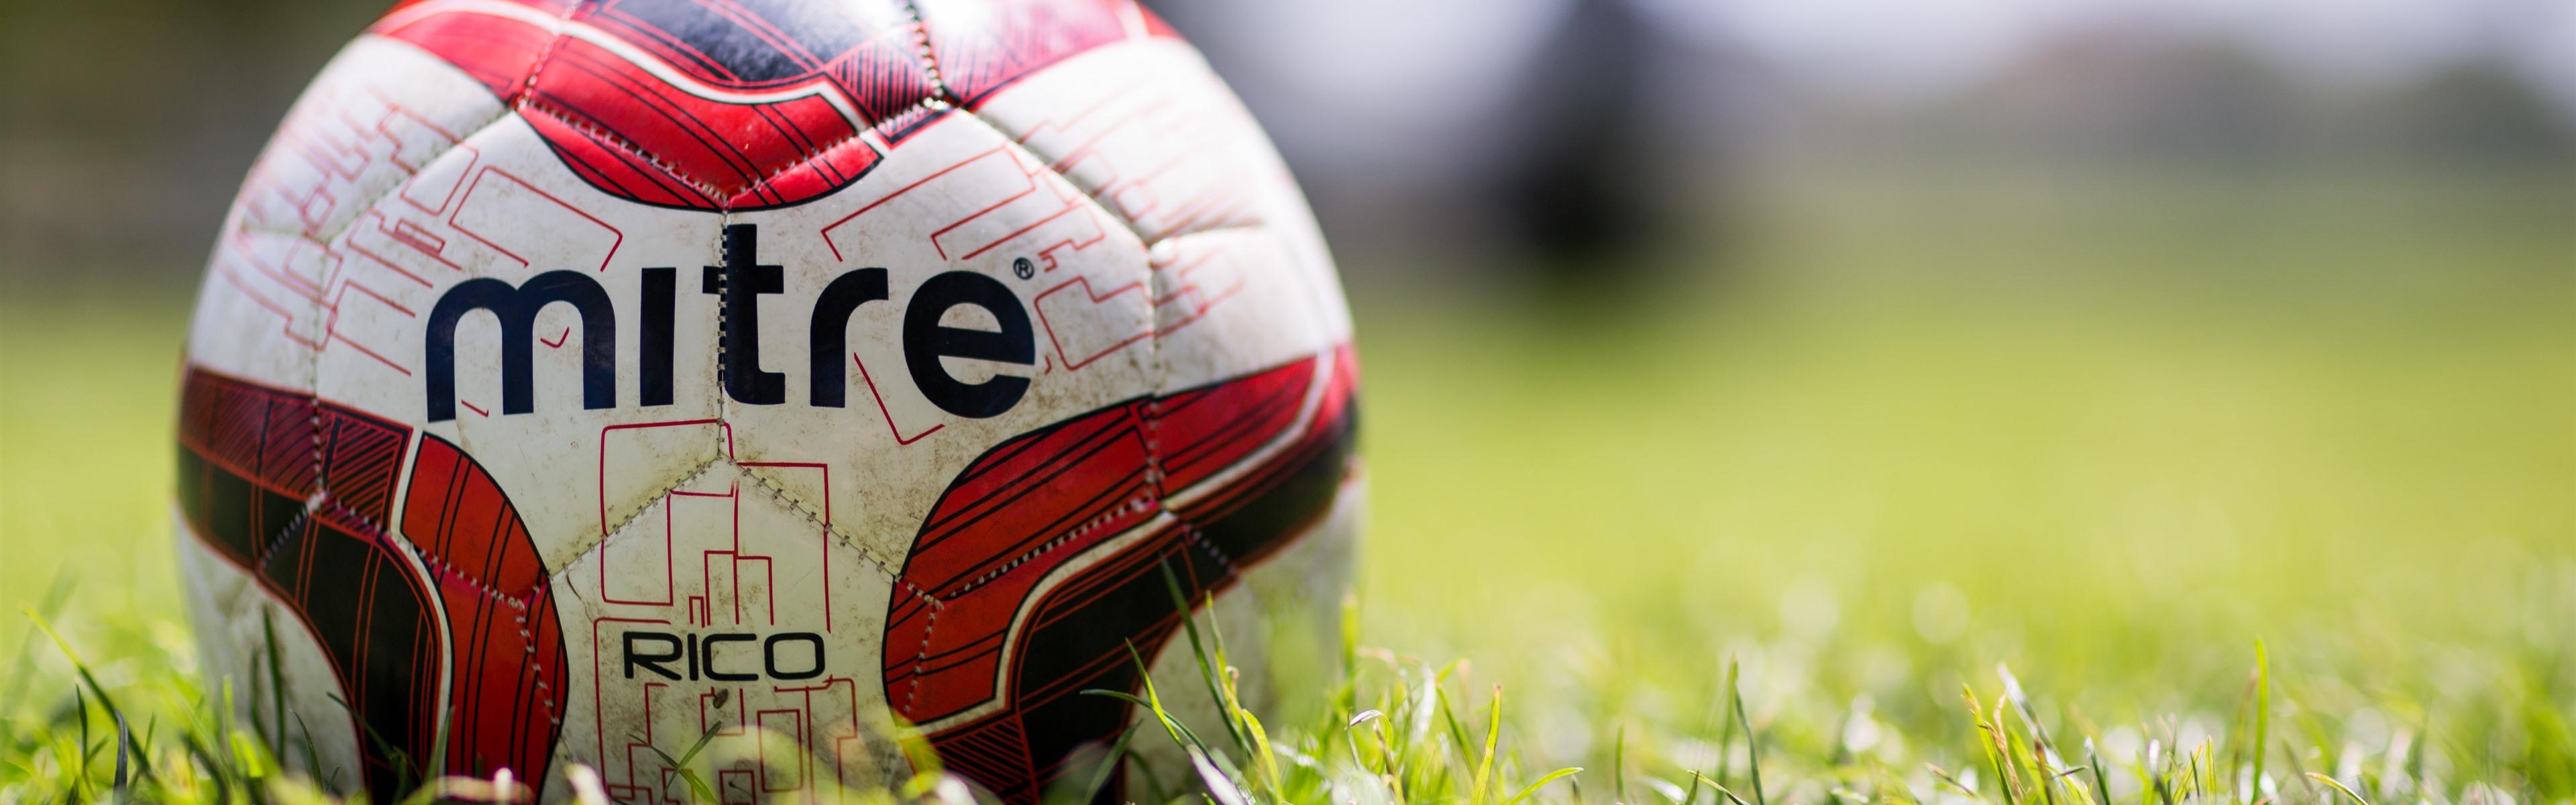 Картинка футбол для ютуба